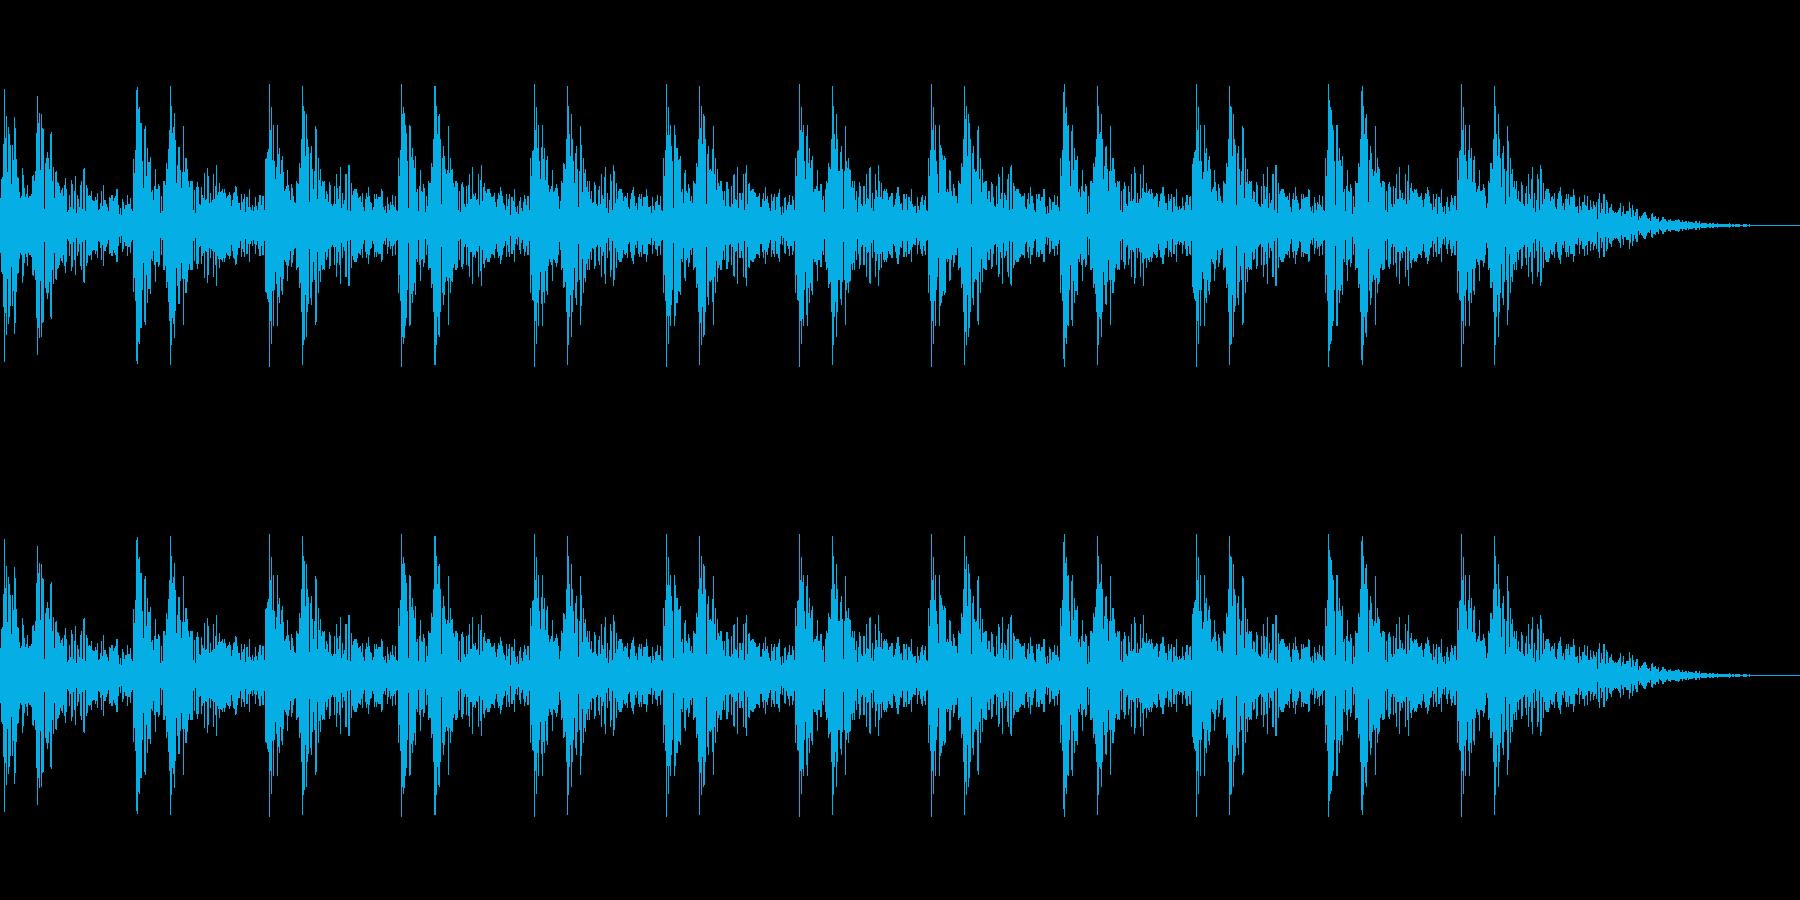 ドクッドクッ 緊張 緊迫 心臓の鼓動  の再生済みの波形